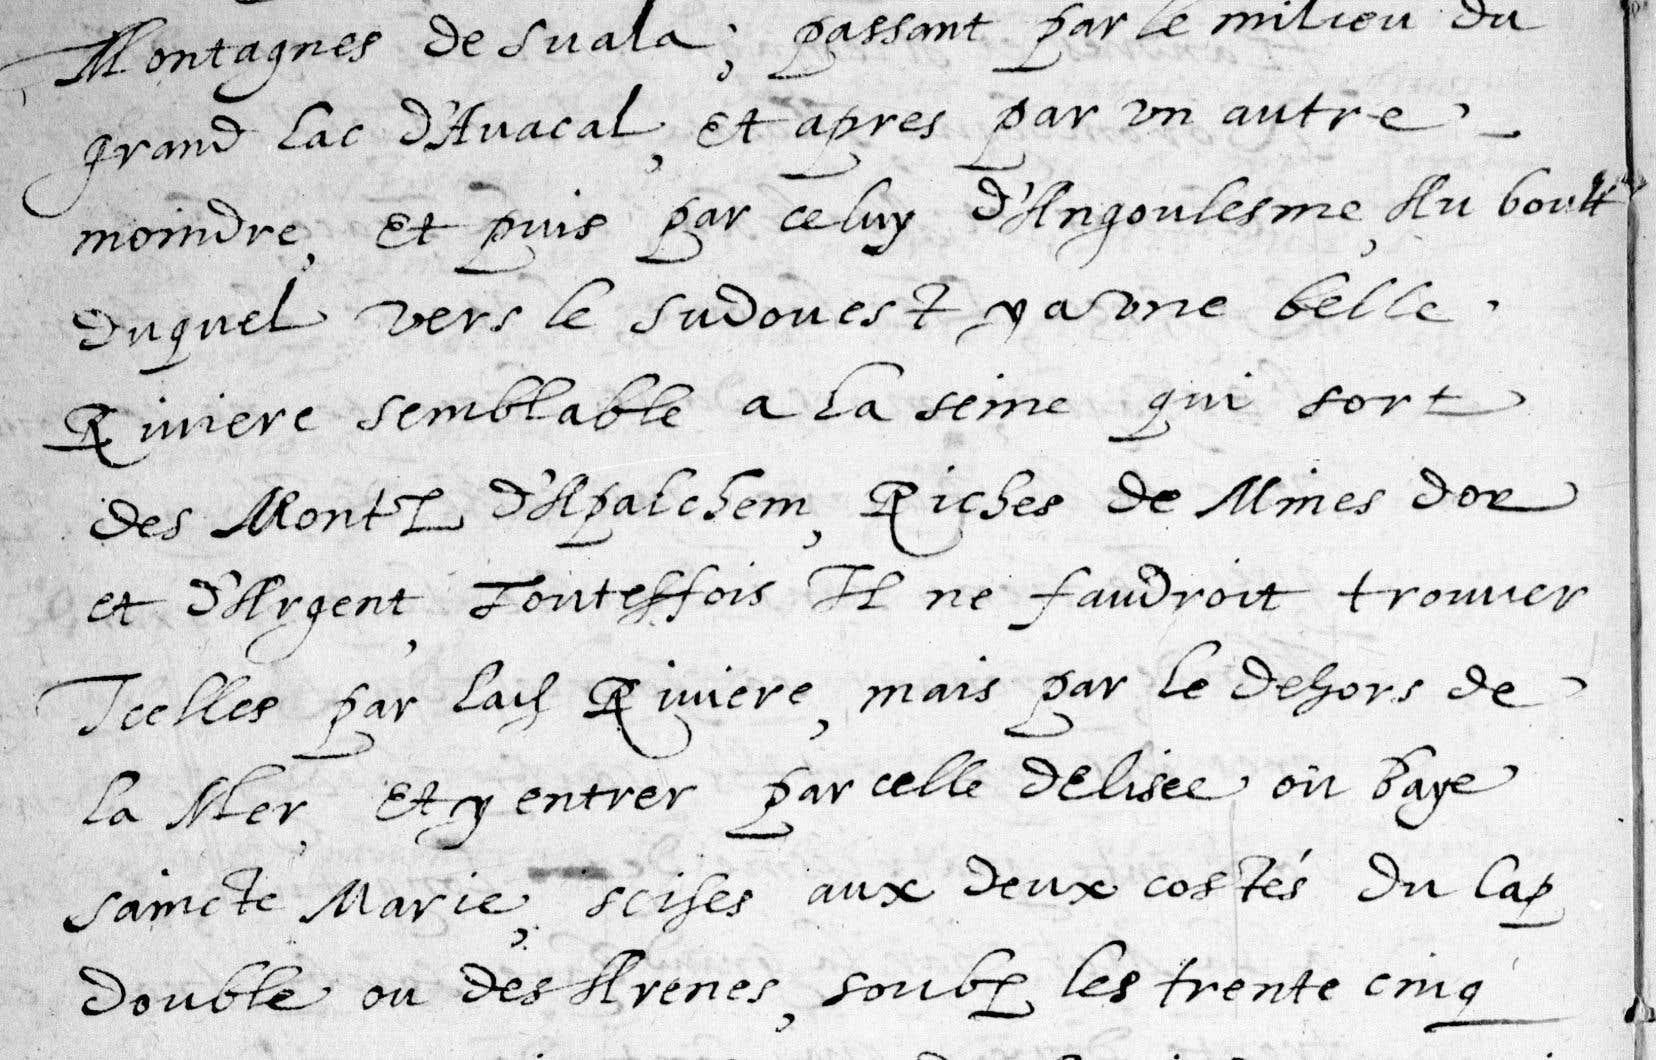 Une page de manuscrit attribuée à Samuel de Champlain